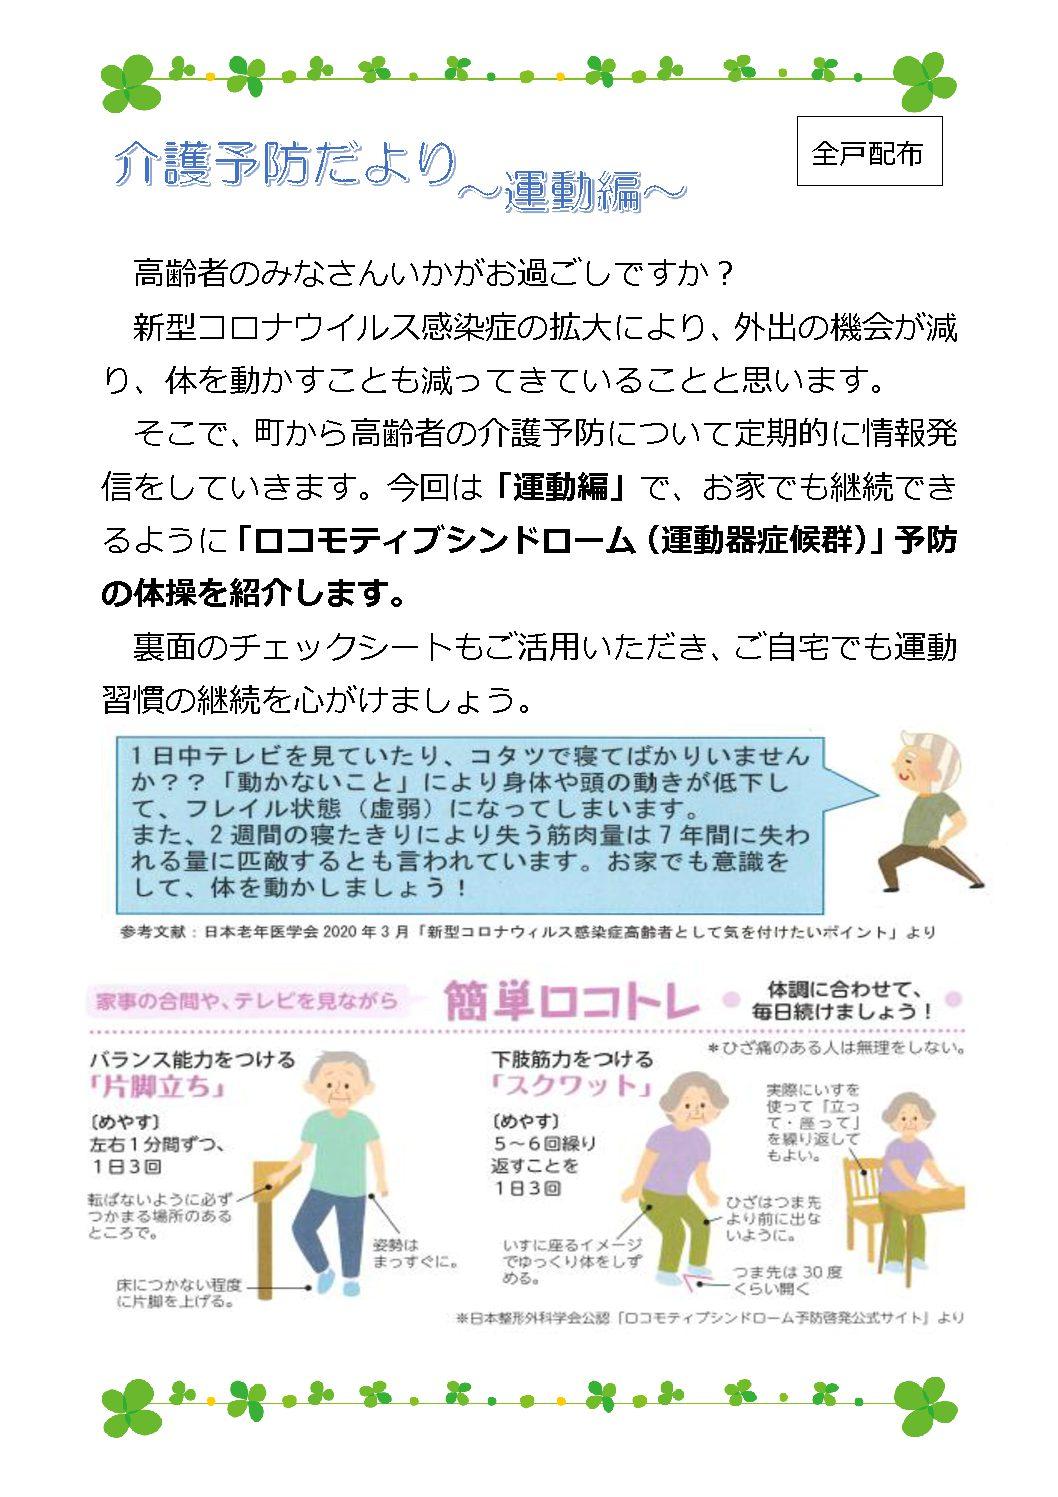 介護予防だより~運動編~3ページ目画像